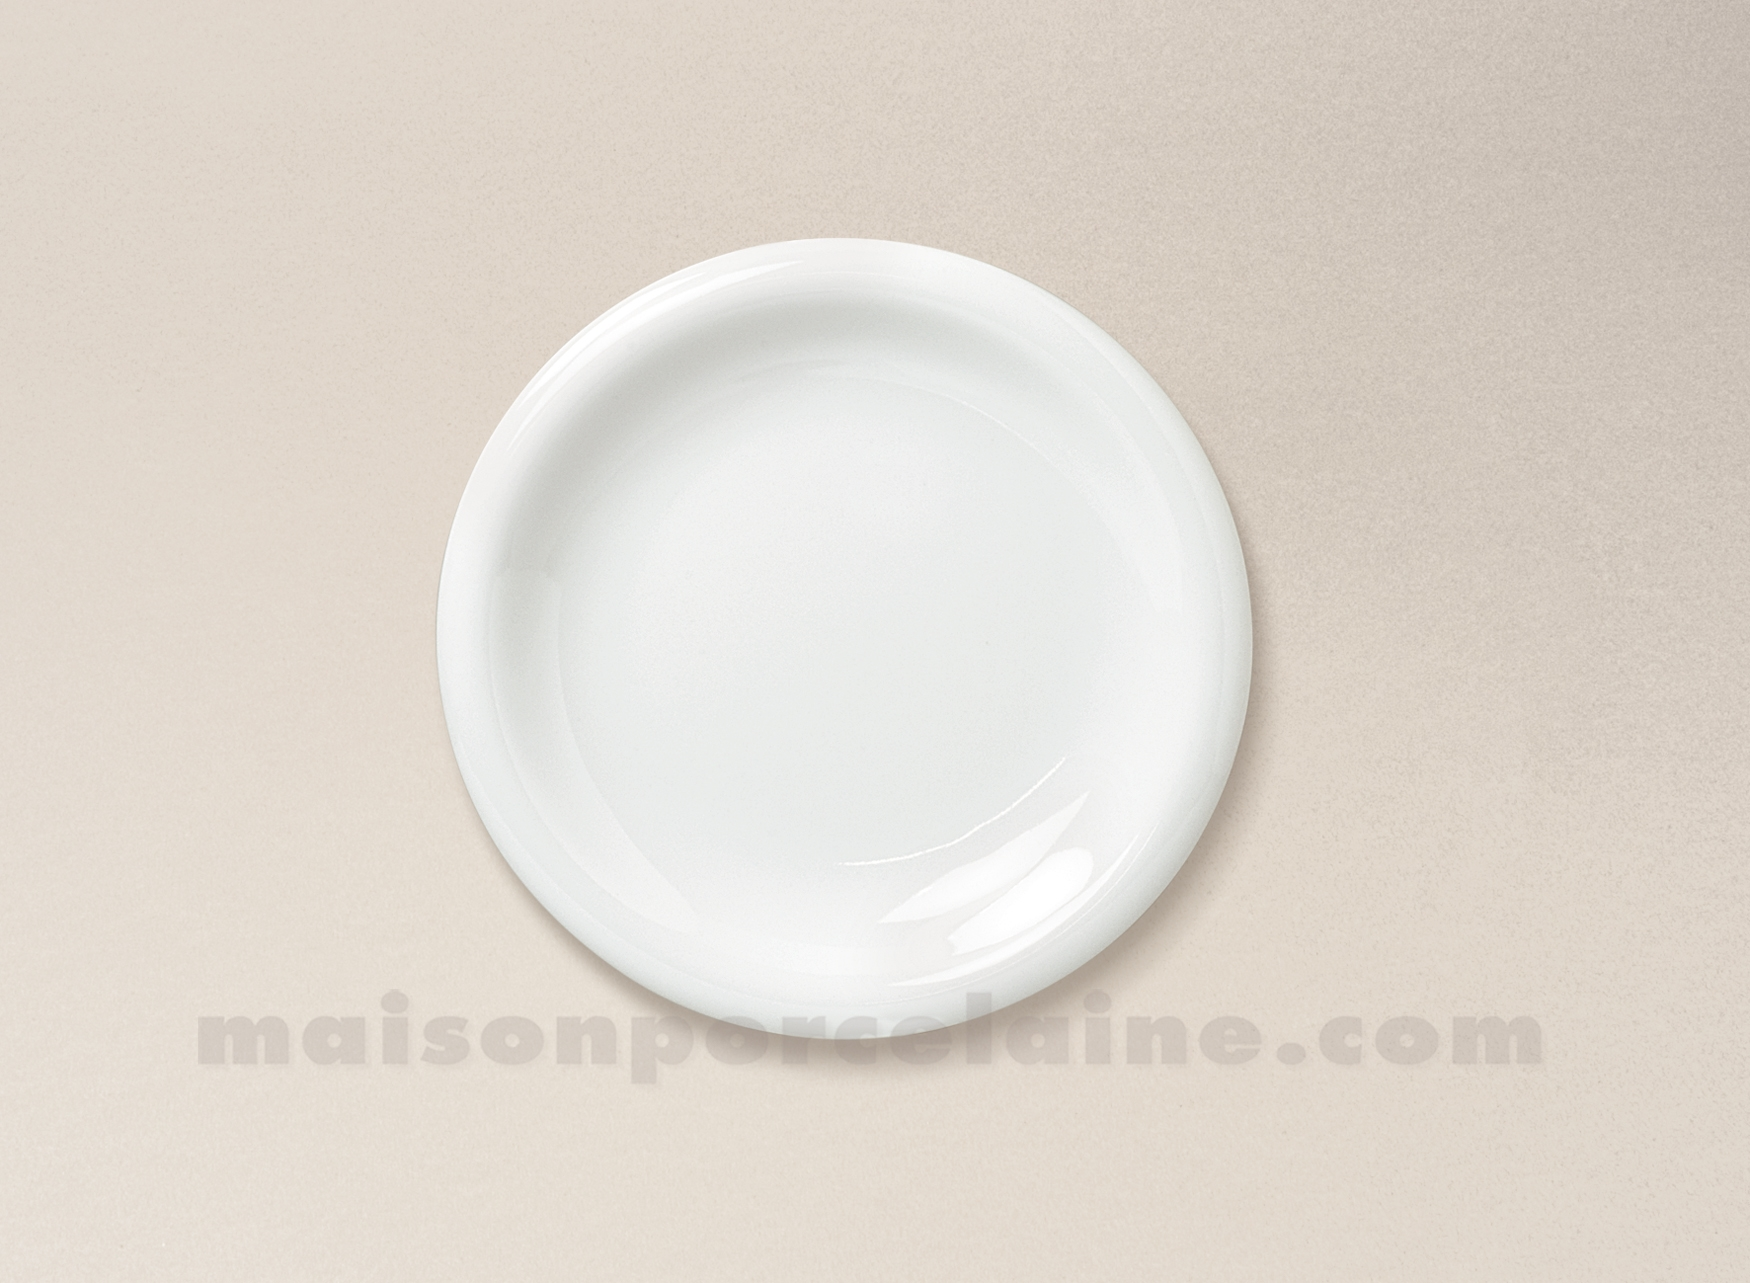 assiette dessert porcelaine blanche ronda d19 maison de. Black Bedroom Furniture Sets. Home Design Ideas